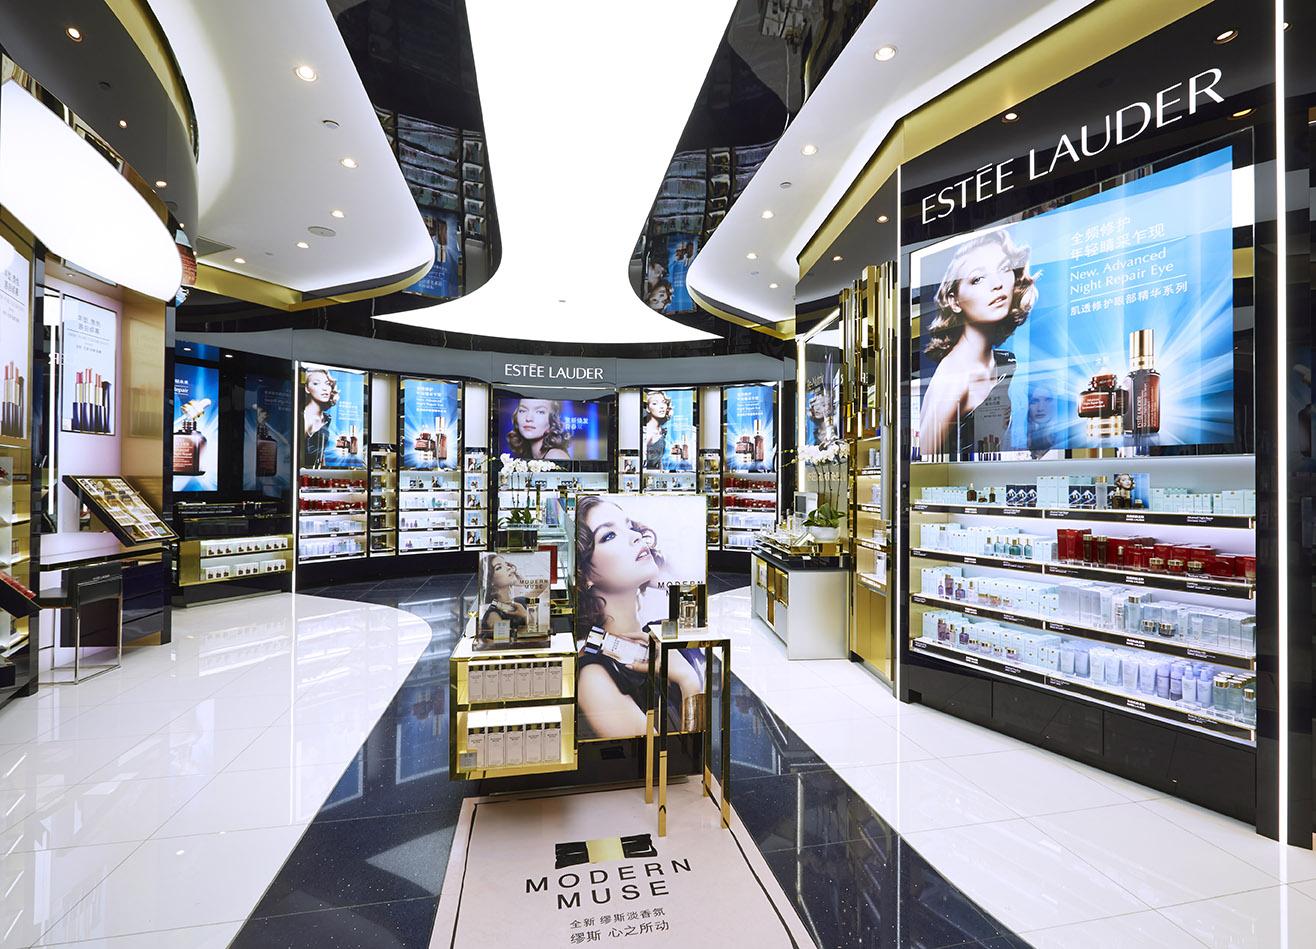 Estee Lauder Haitang Bay Flagship Store - Estée Lauder contrae sus ganancias por reforma fiscal de Trump